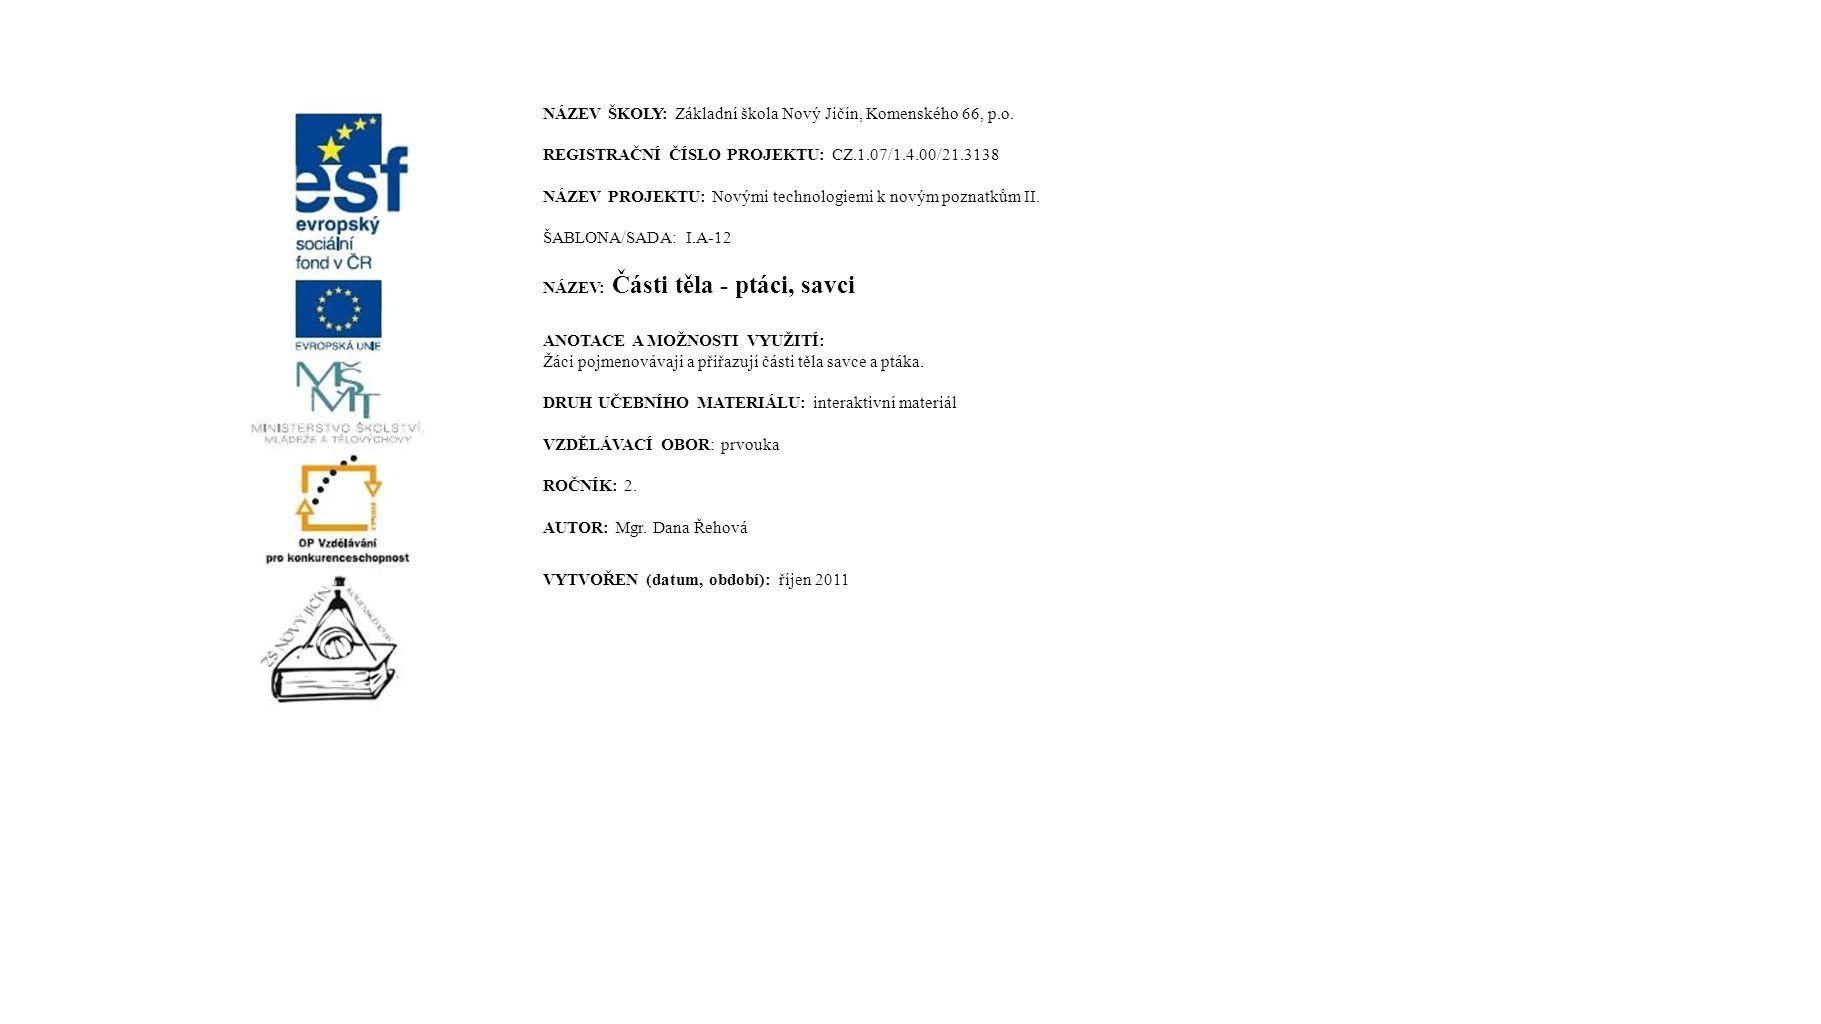 NÁZEV ŠKOLY: Základní škola Nový Jičín, Komenského 66, p.o. REGISTRAČNÍ ČÍSLO PROJEKTU: CZ.1.07/1.4.00/21.3138 NÁZEV PROJEKTU: Novými technologiemi k